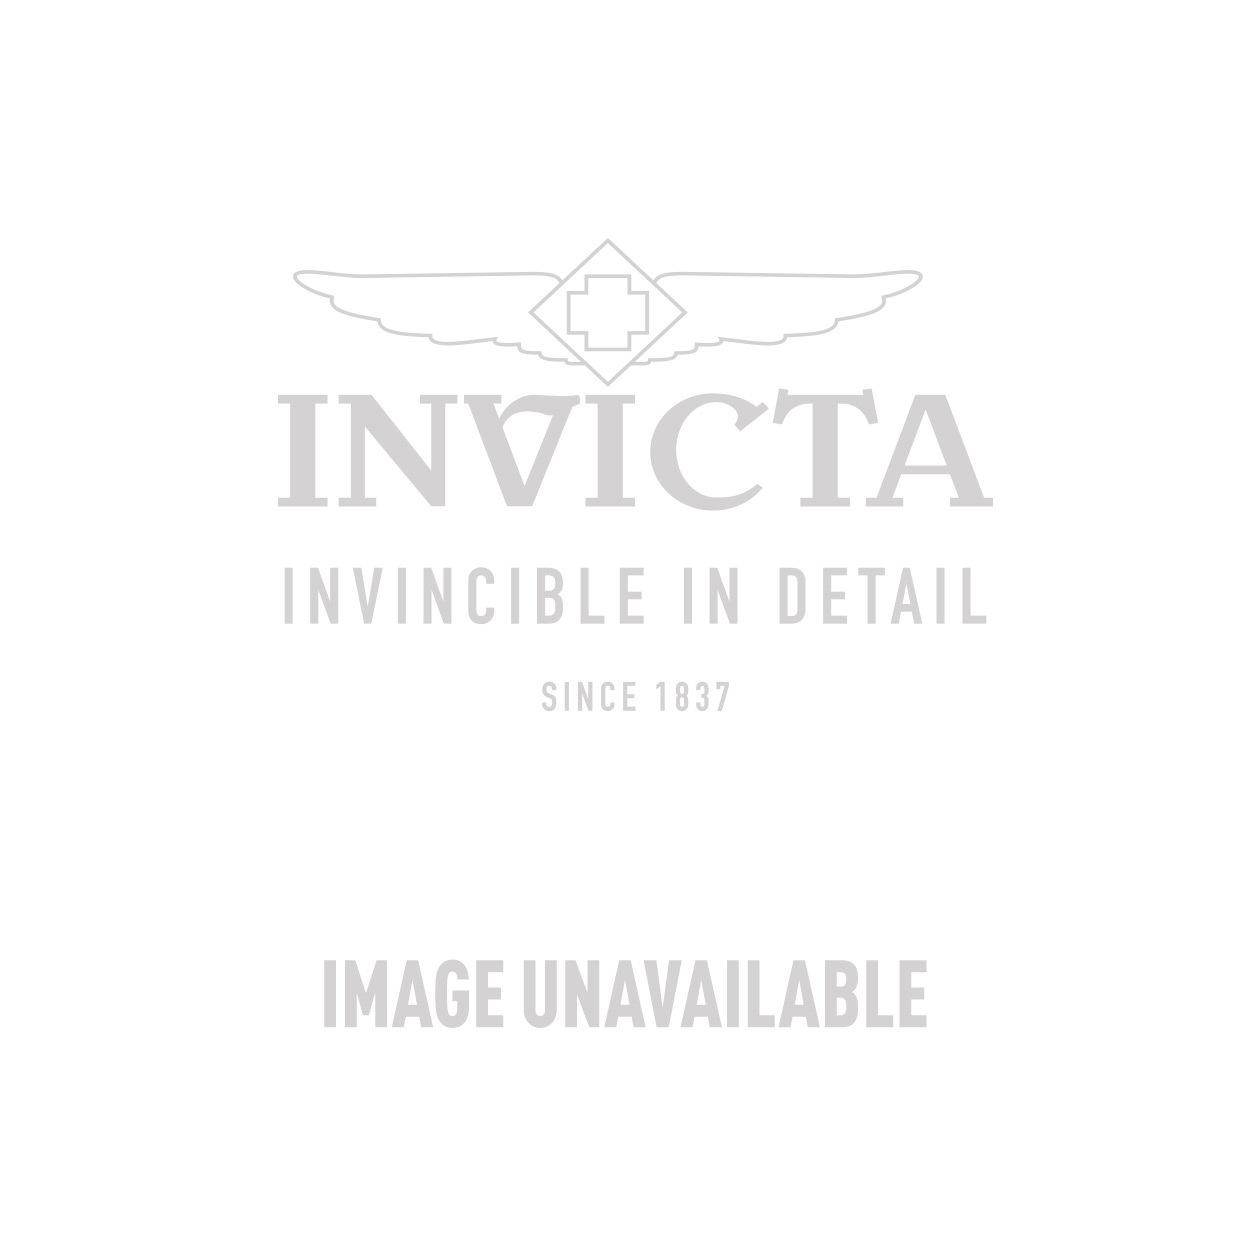 Invicta Model 25338